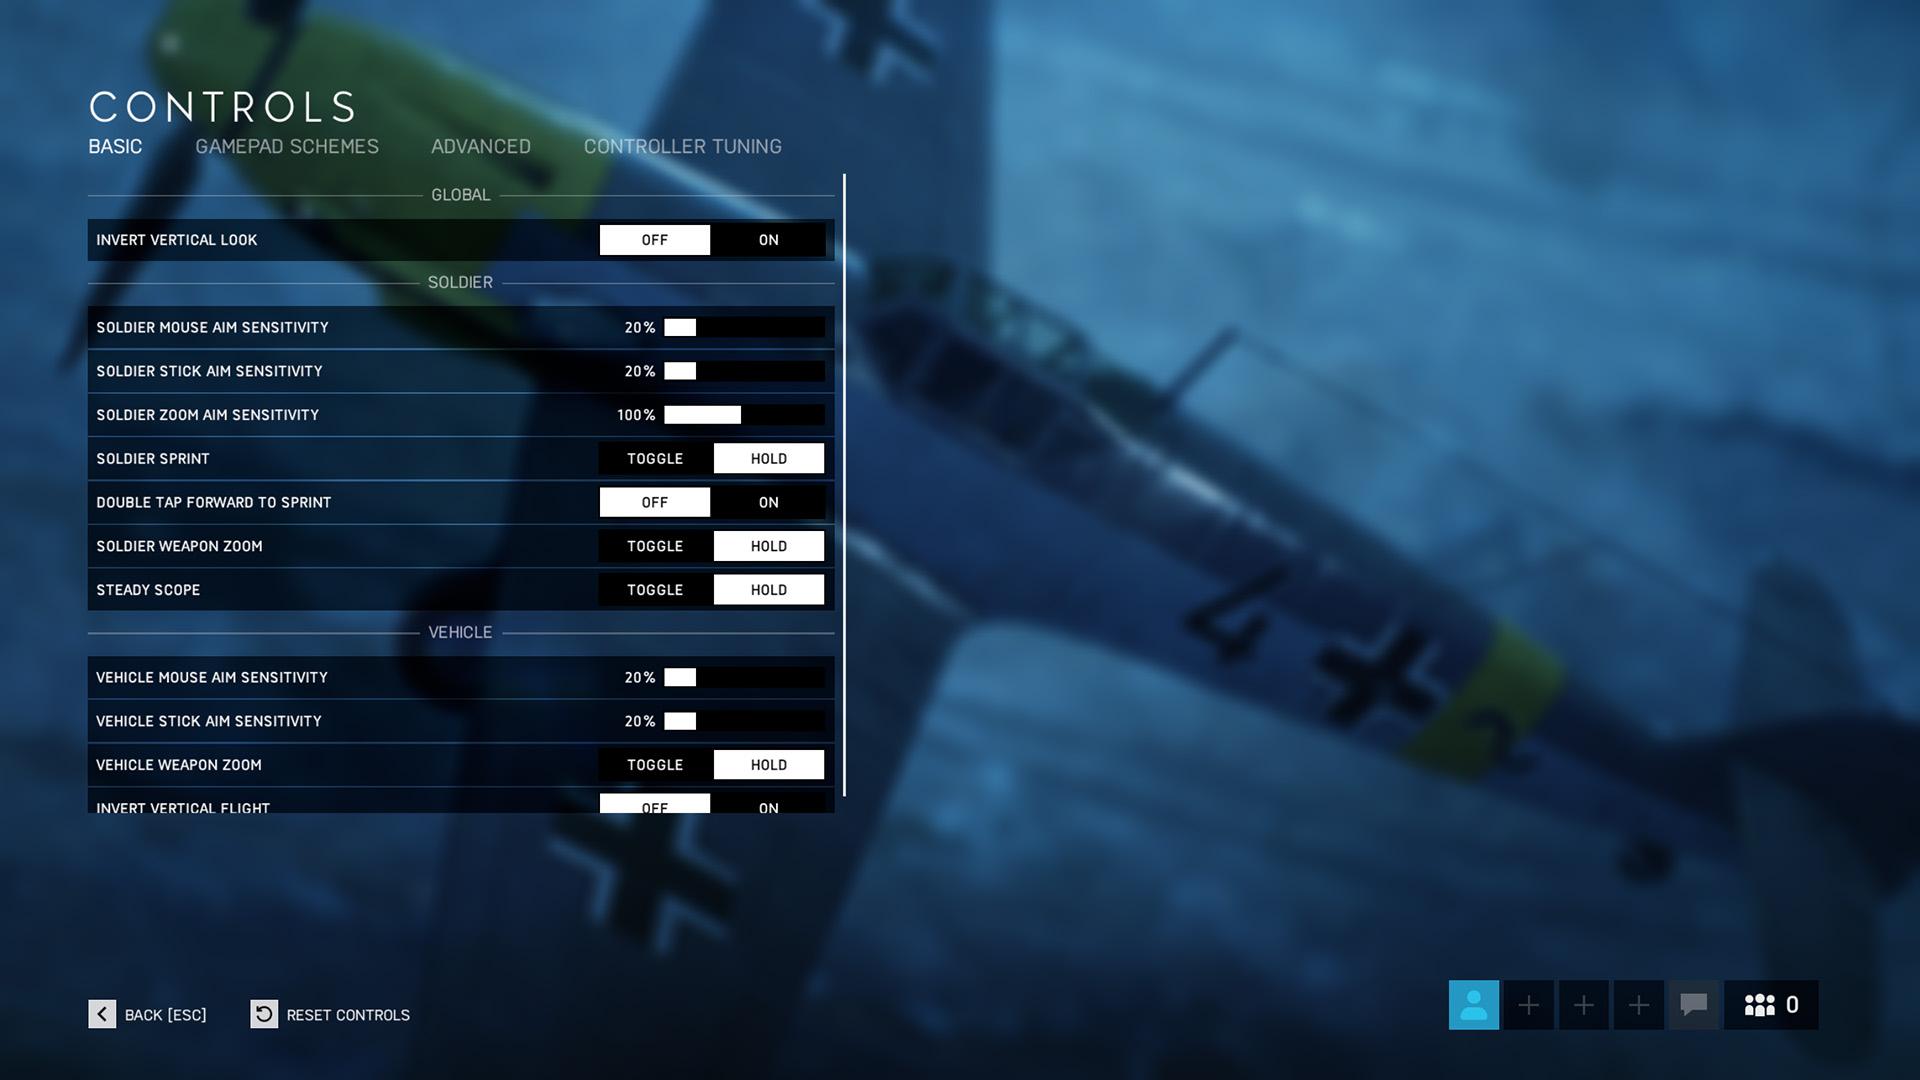 Battlefield V Screenshot 2018_0042_Battlefield V Screenshot 2018.11.11 - 20.26.43.72.jpg